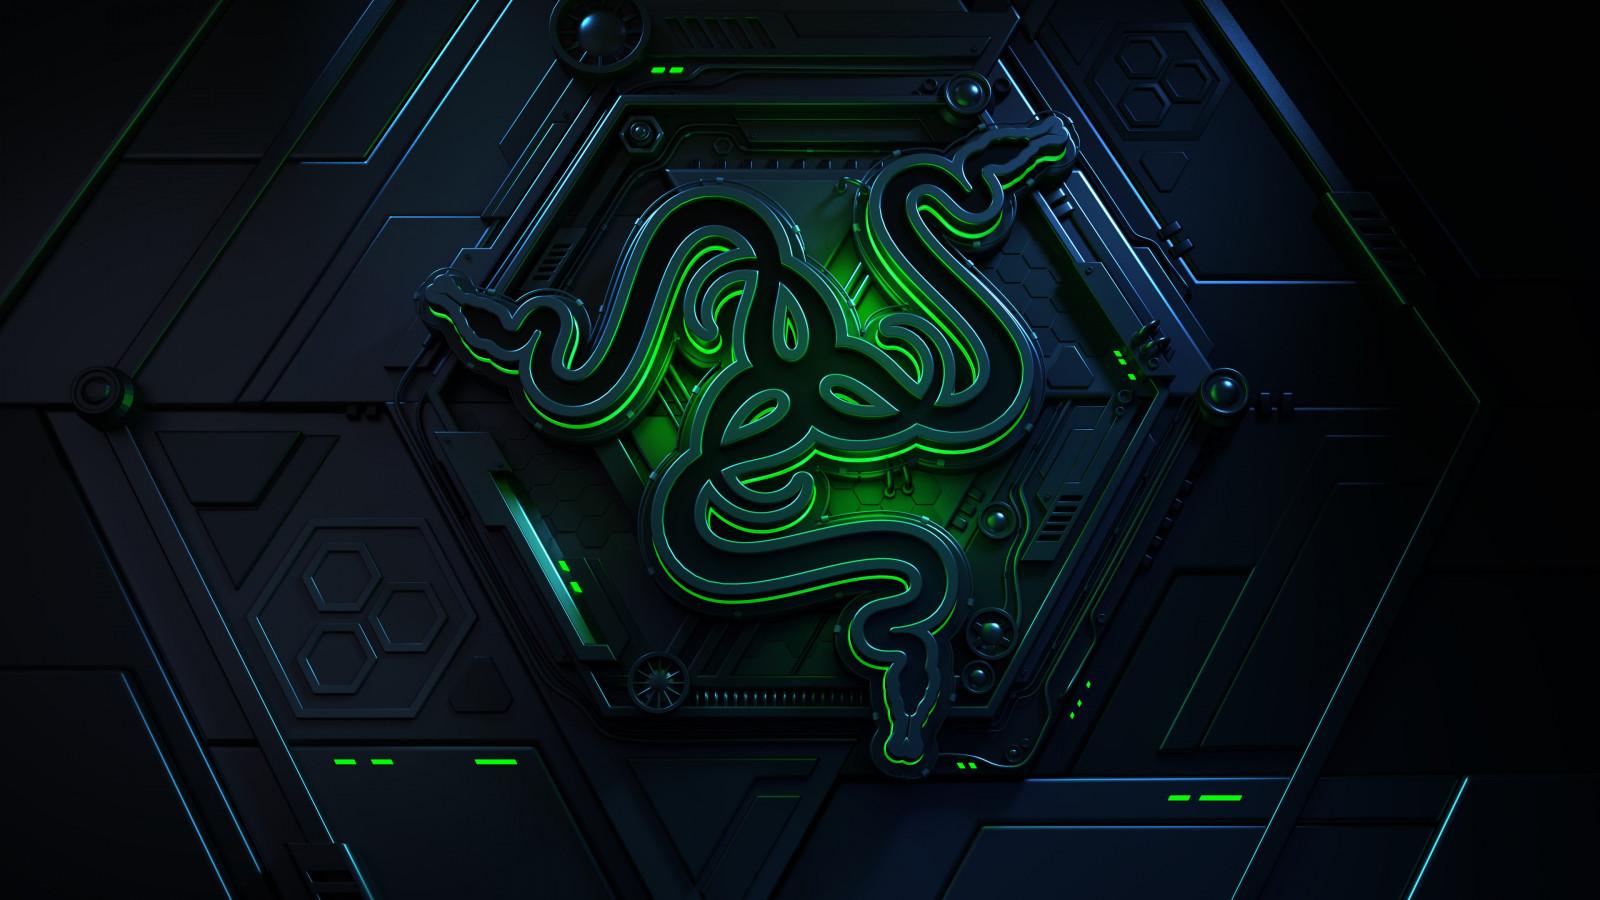 Fond d'écran : Razer, logo, Jeux PC, La technologie 3840x2160 - mxdp1 - 1399163 - Fond d'écran ...